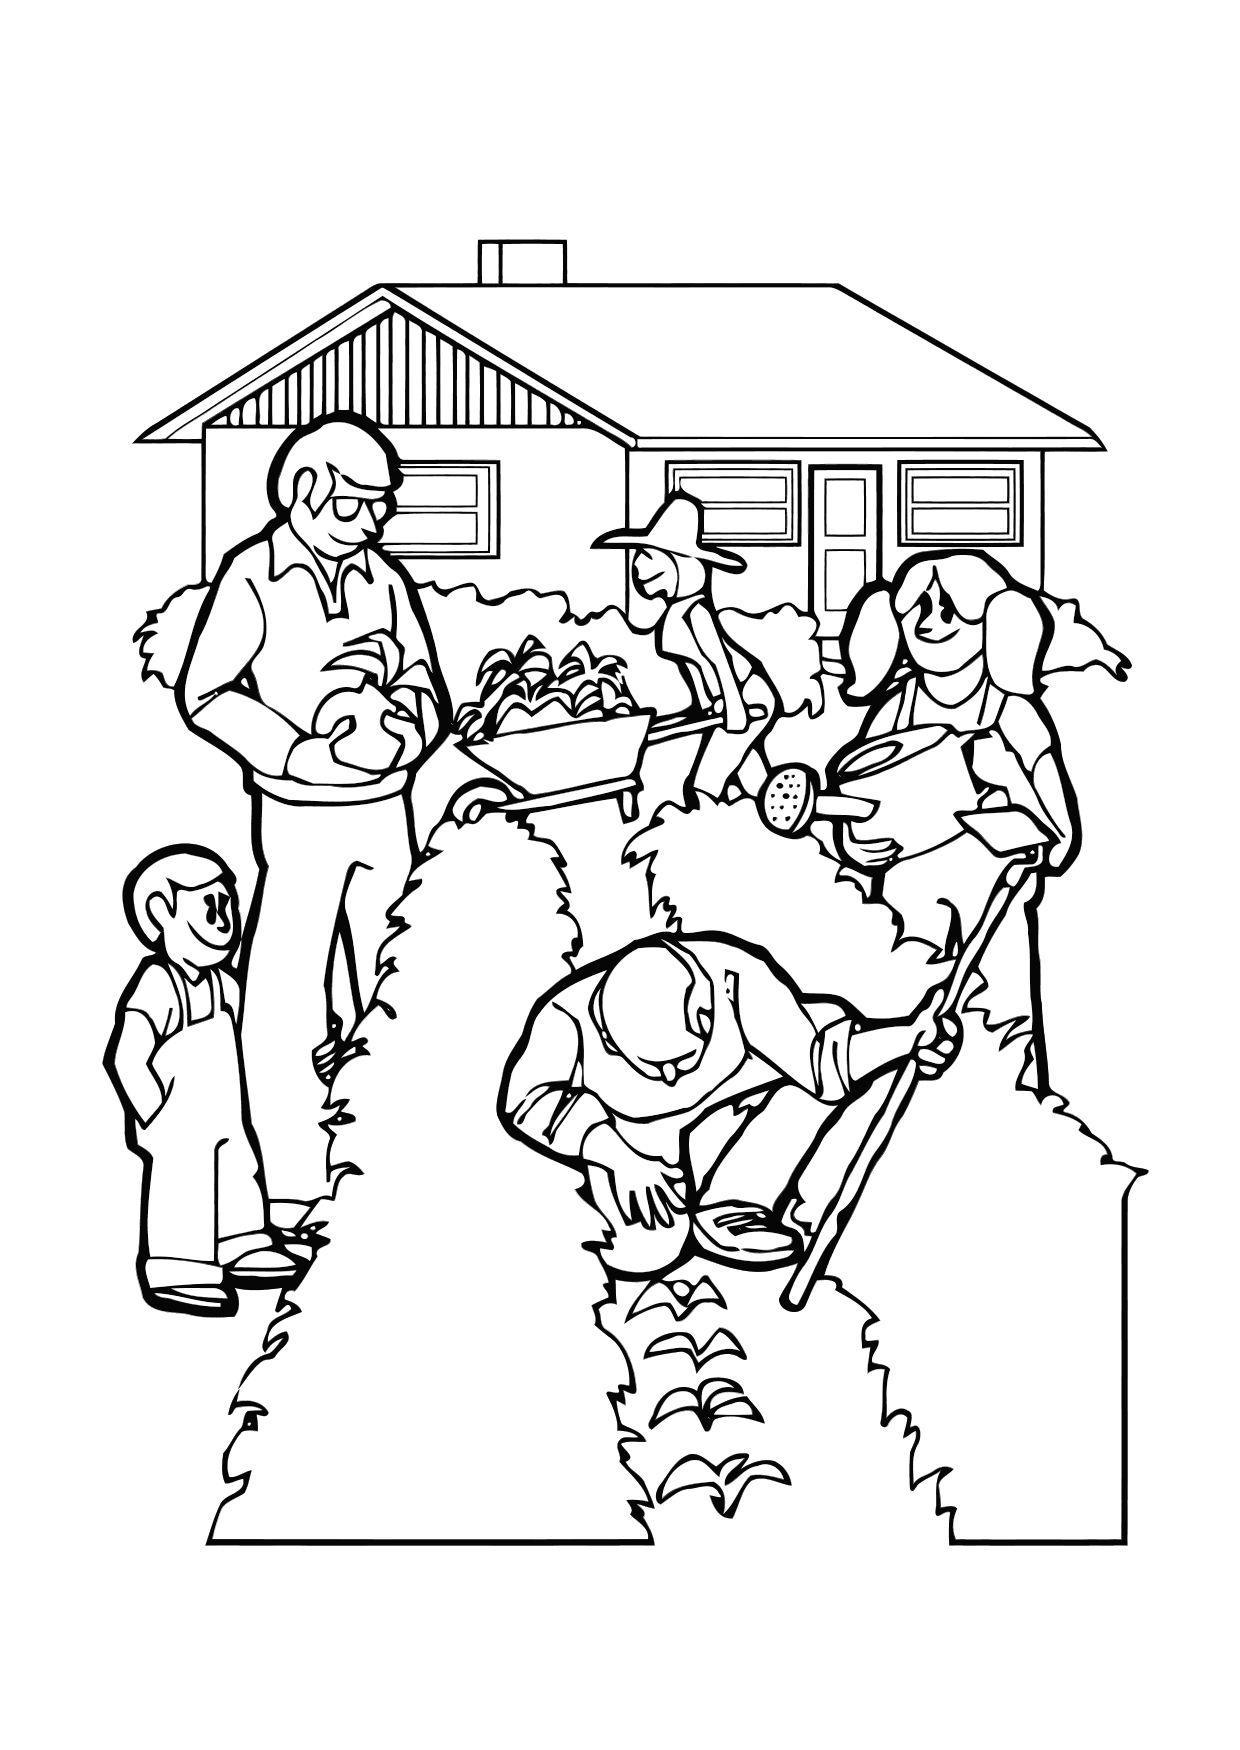 Malvorlage im Garten arbeiten - Kostenlose Ausmalbilder